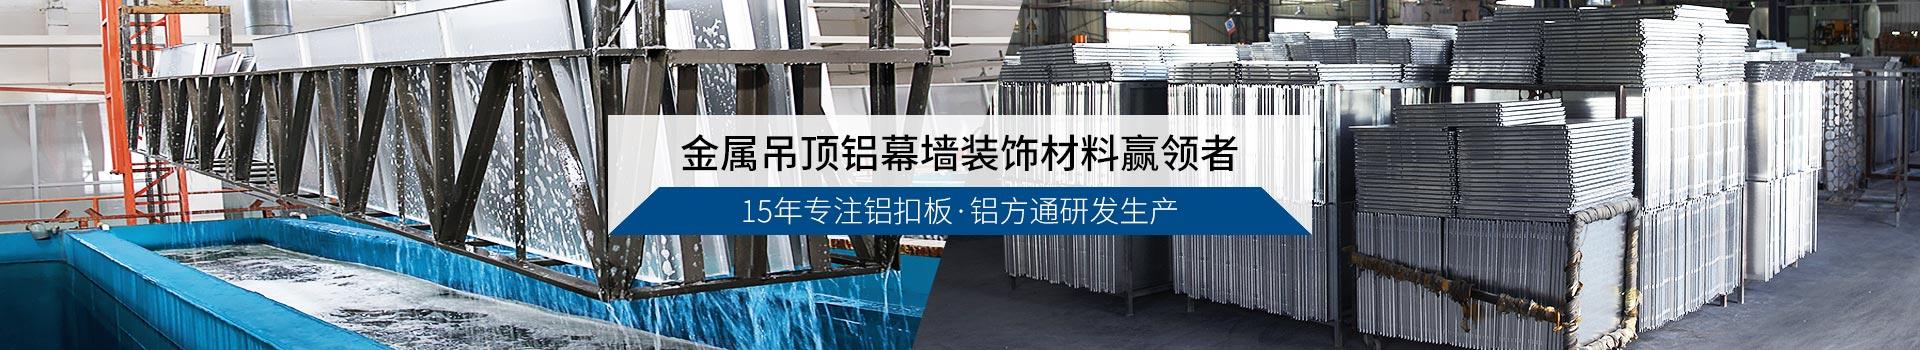 美利龙源艺-美利龙铝扣板吊顶公司简介 - 美利龙源艺